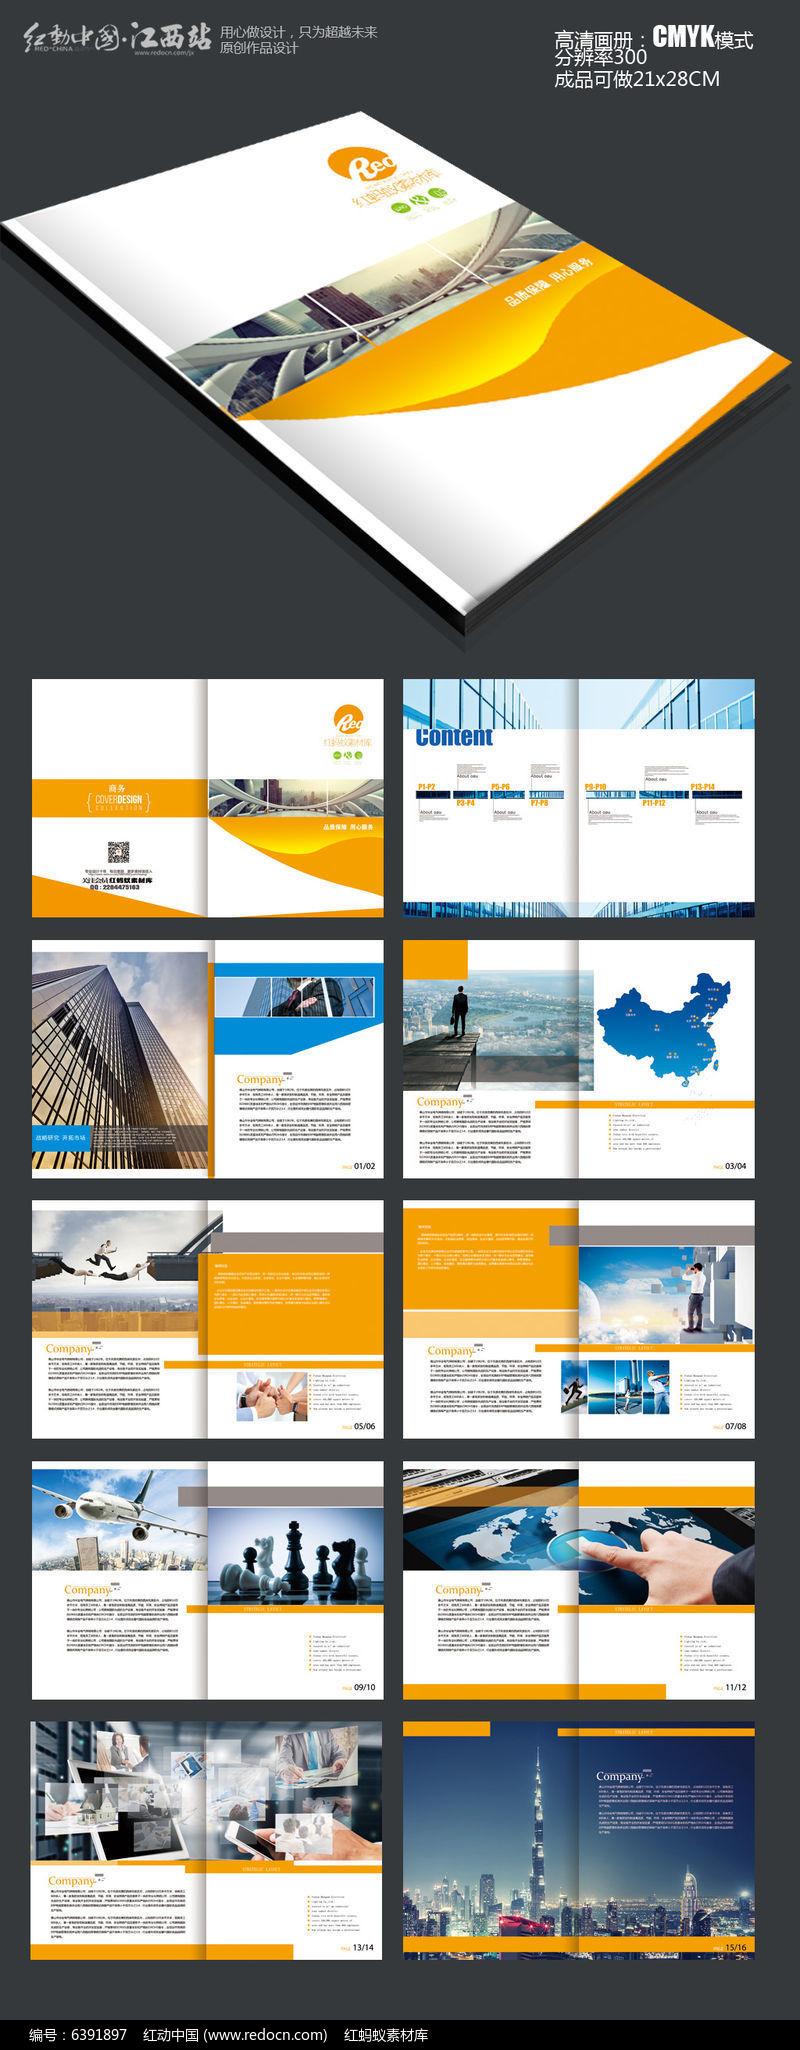 创意集团企业宣传册版式设计图片